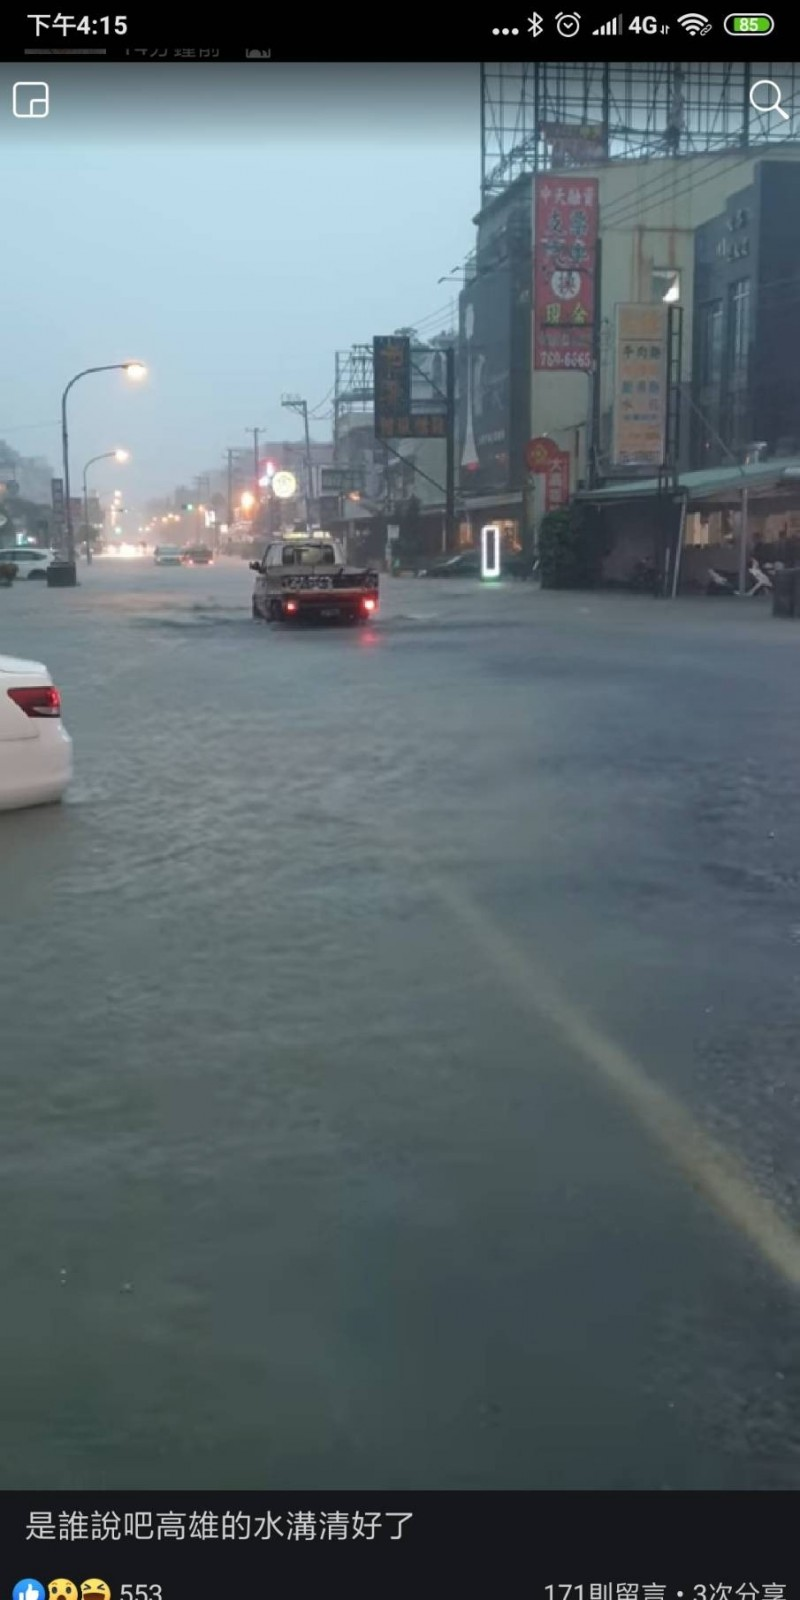 高雄市區因一場豪雨傳出積淹水災情。(記者黃佳琳翻攝)